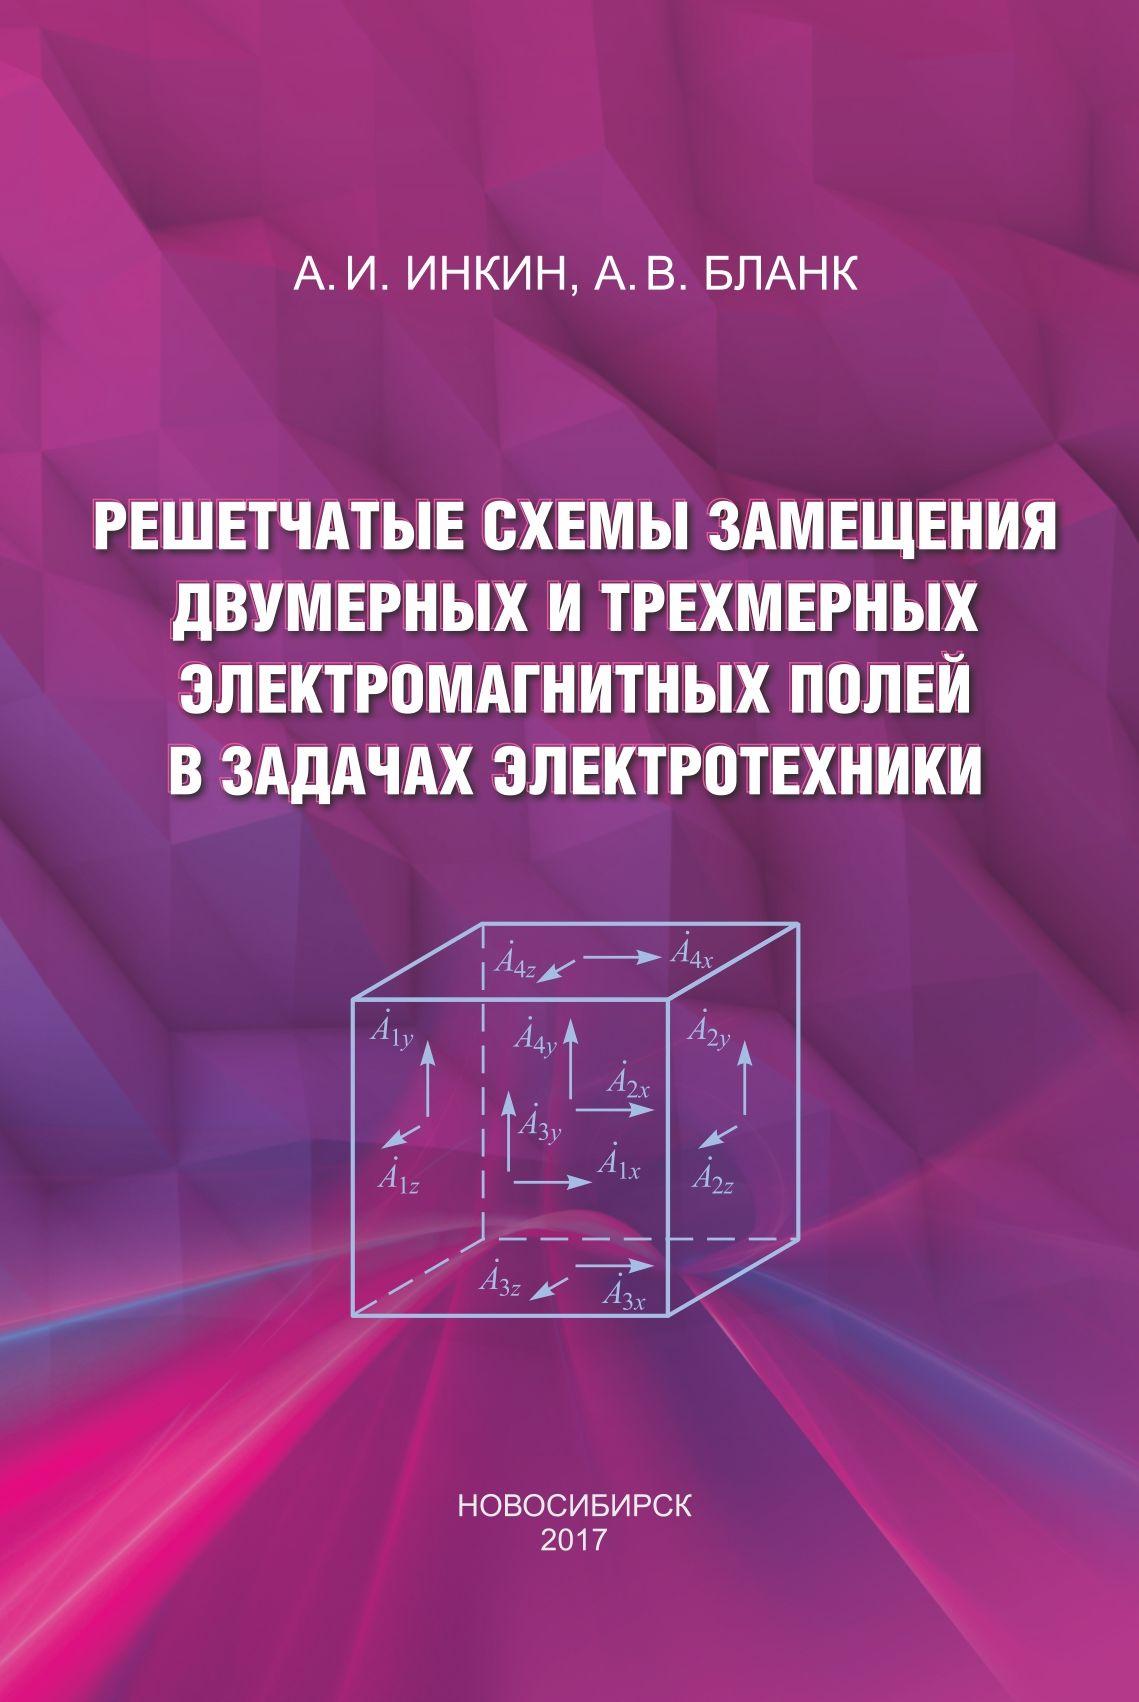 А. И. Инкин Решетчатые схемы замещения двумерных и трехмерных электромагнитных полей в задачах электротехники с м аполлонский моделирование и расчёт электромагнитных полей в технических устройствах том iii